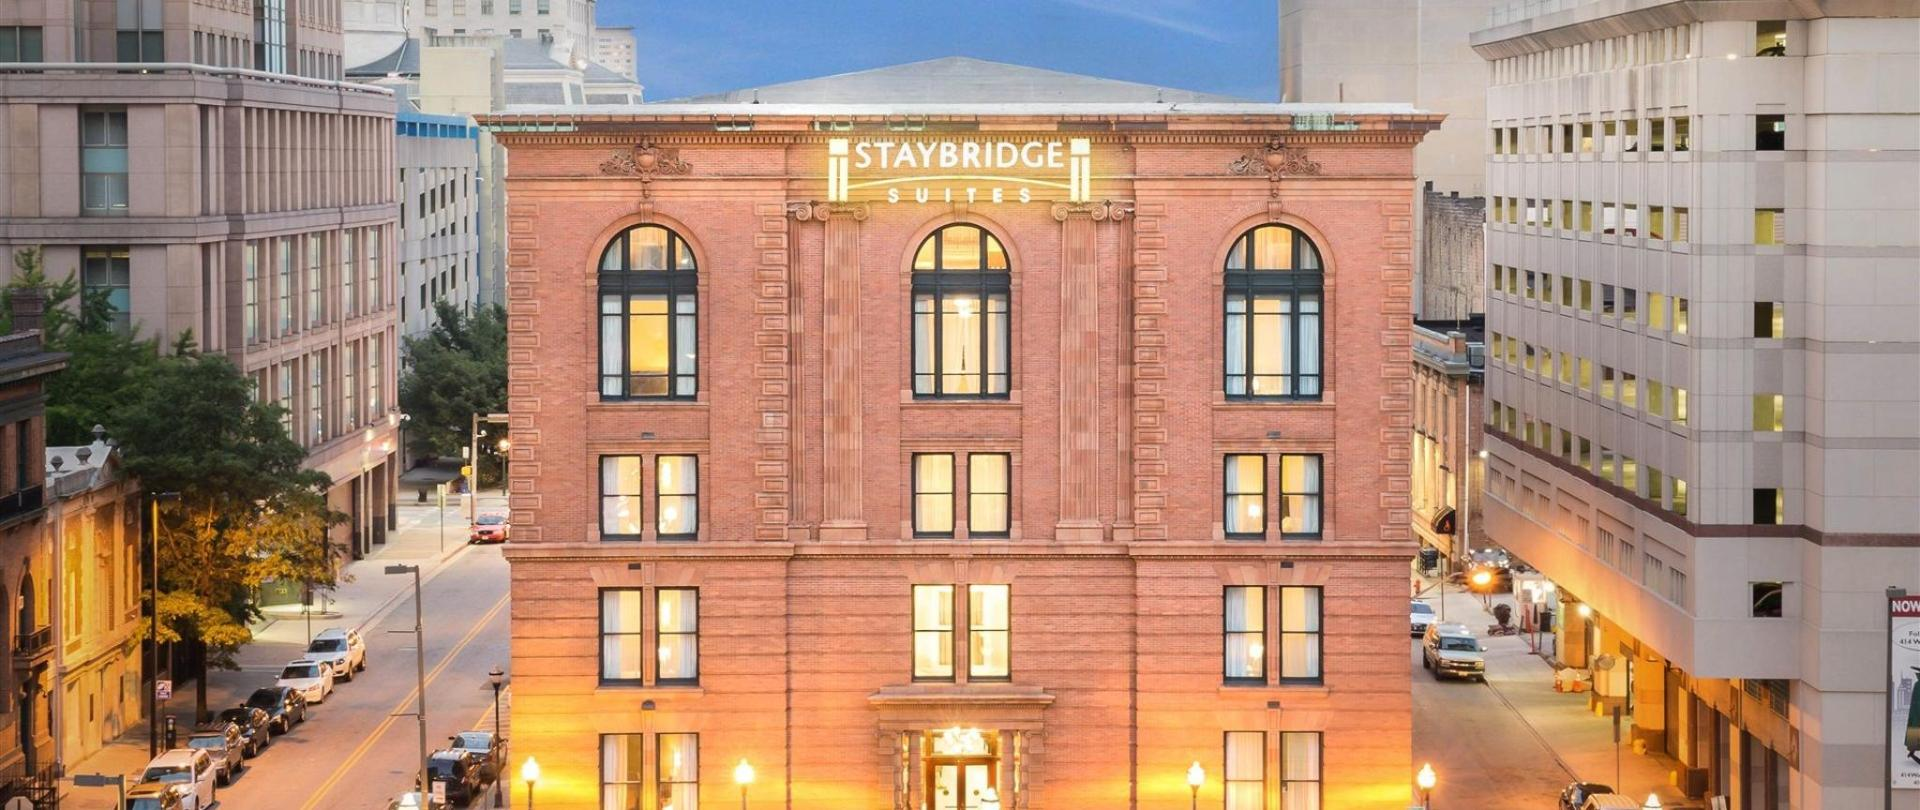 Staybridge 1.jpg